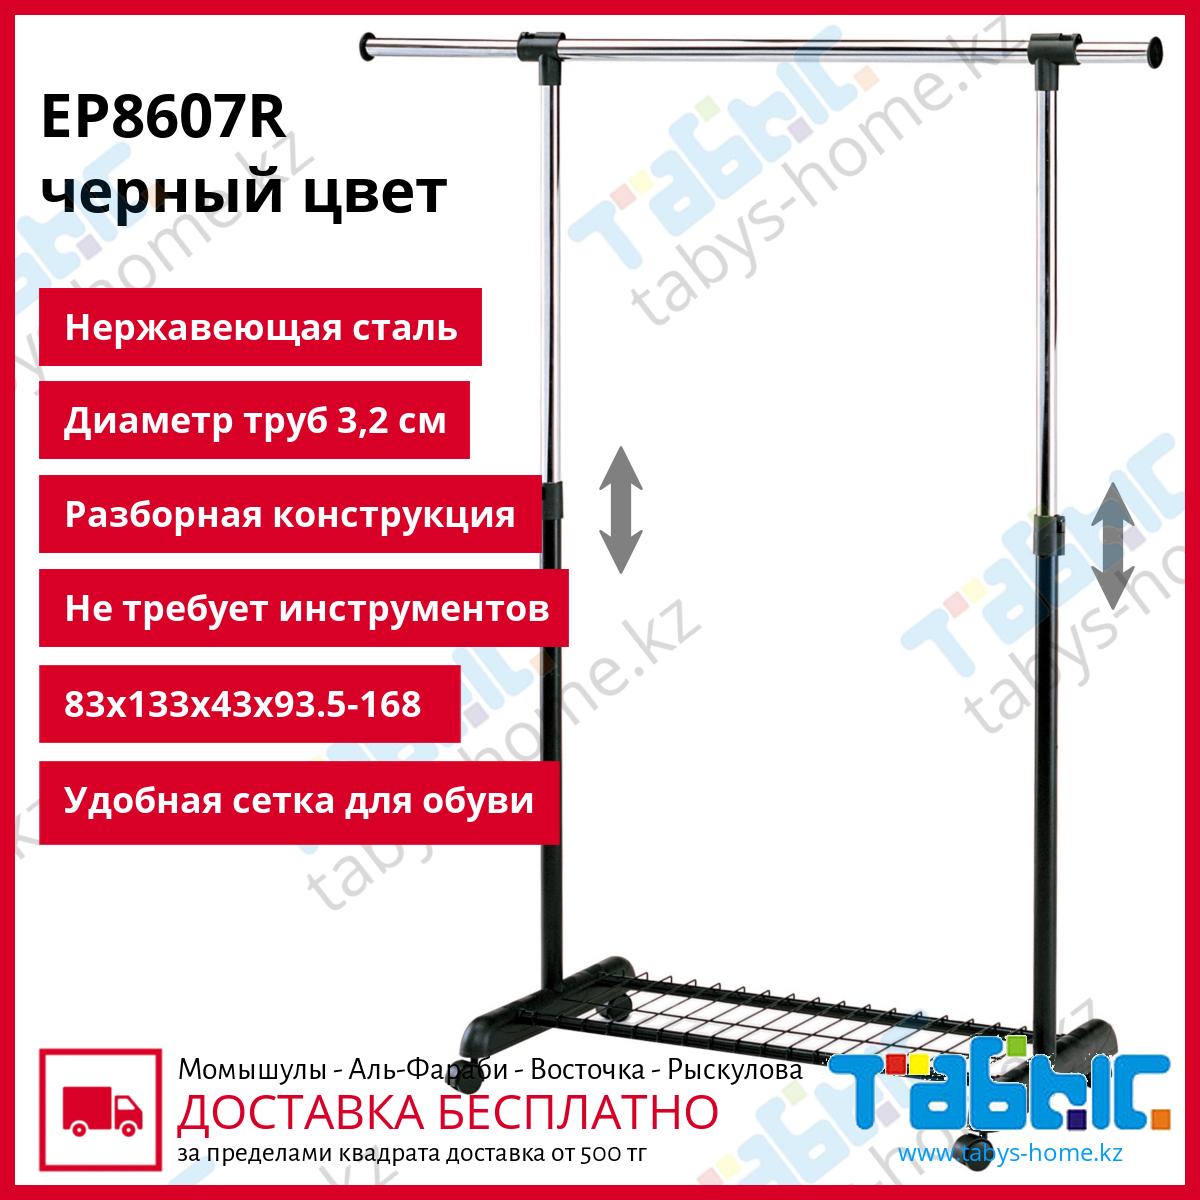 Одинарная раздвижная гардеробная вешалка Табыс EP 8607R (черный цвет)